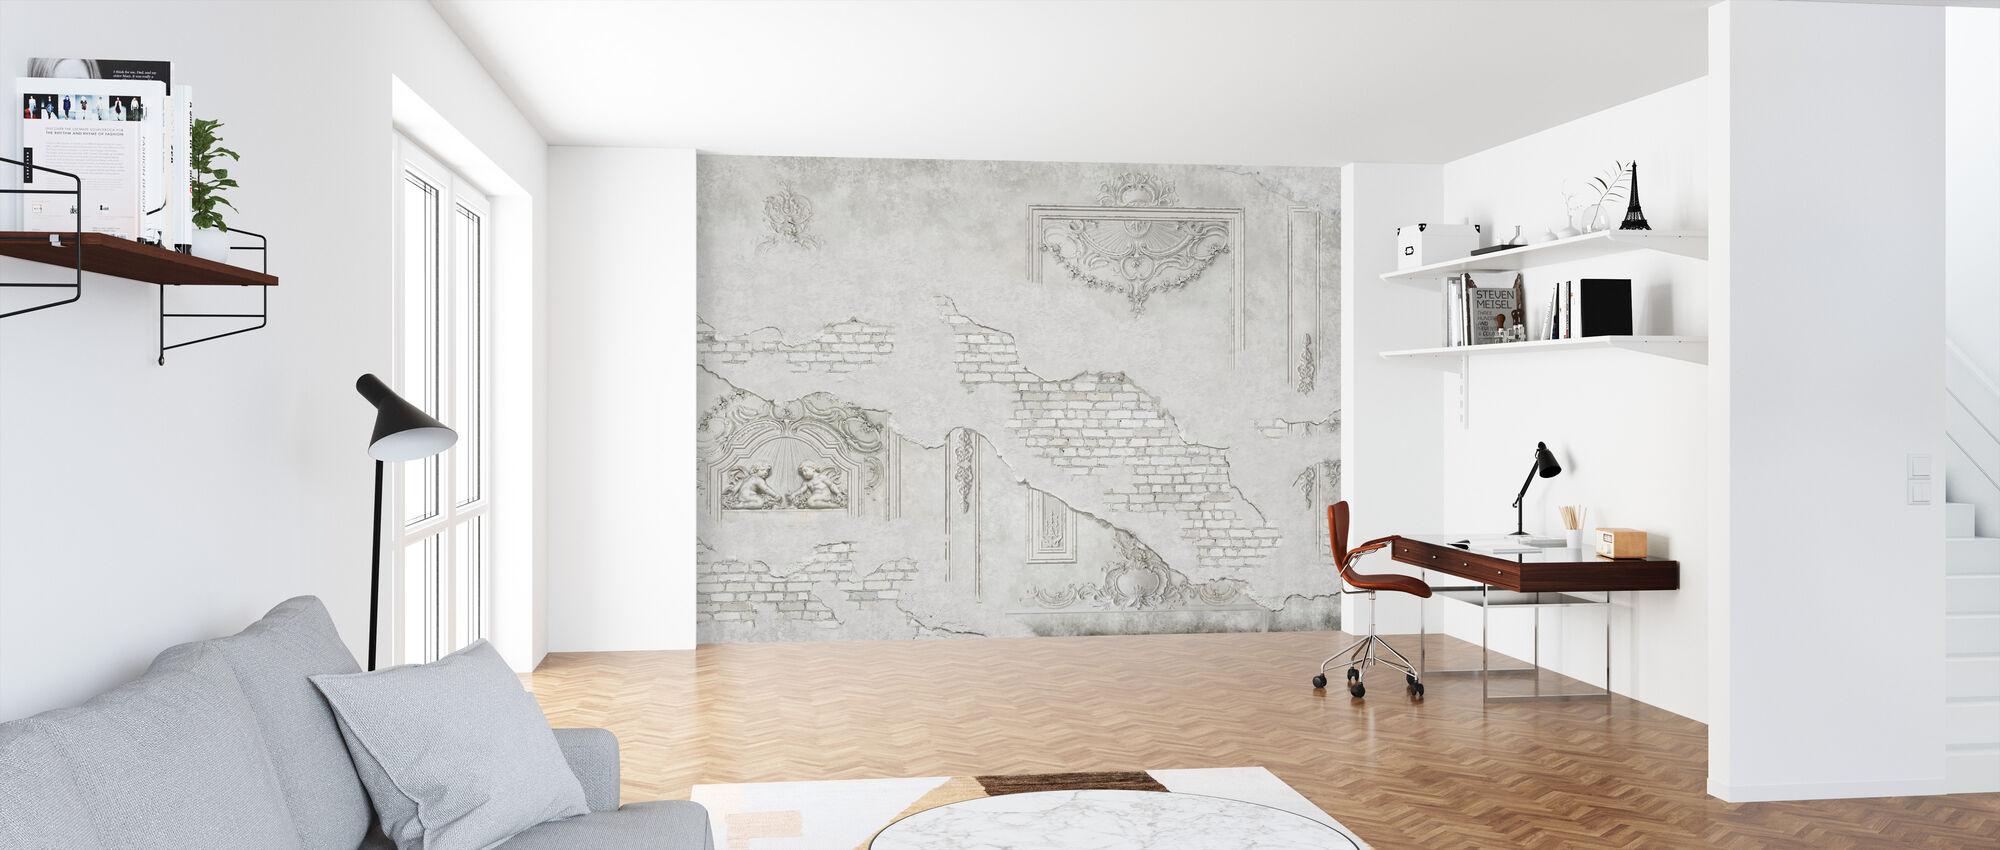 Sprukket gips Ornament murstein vegg - Tapet - Kontor